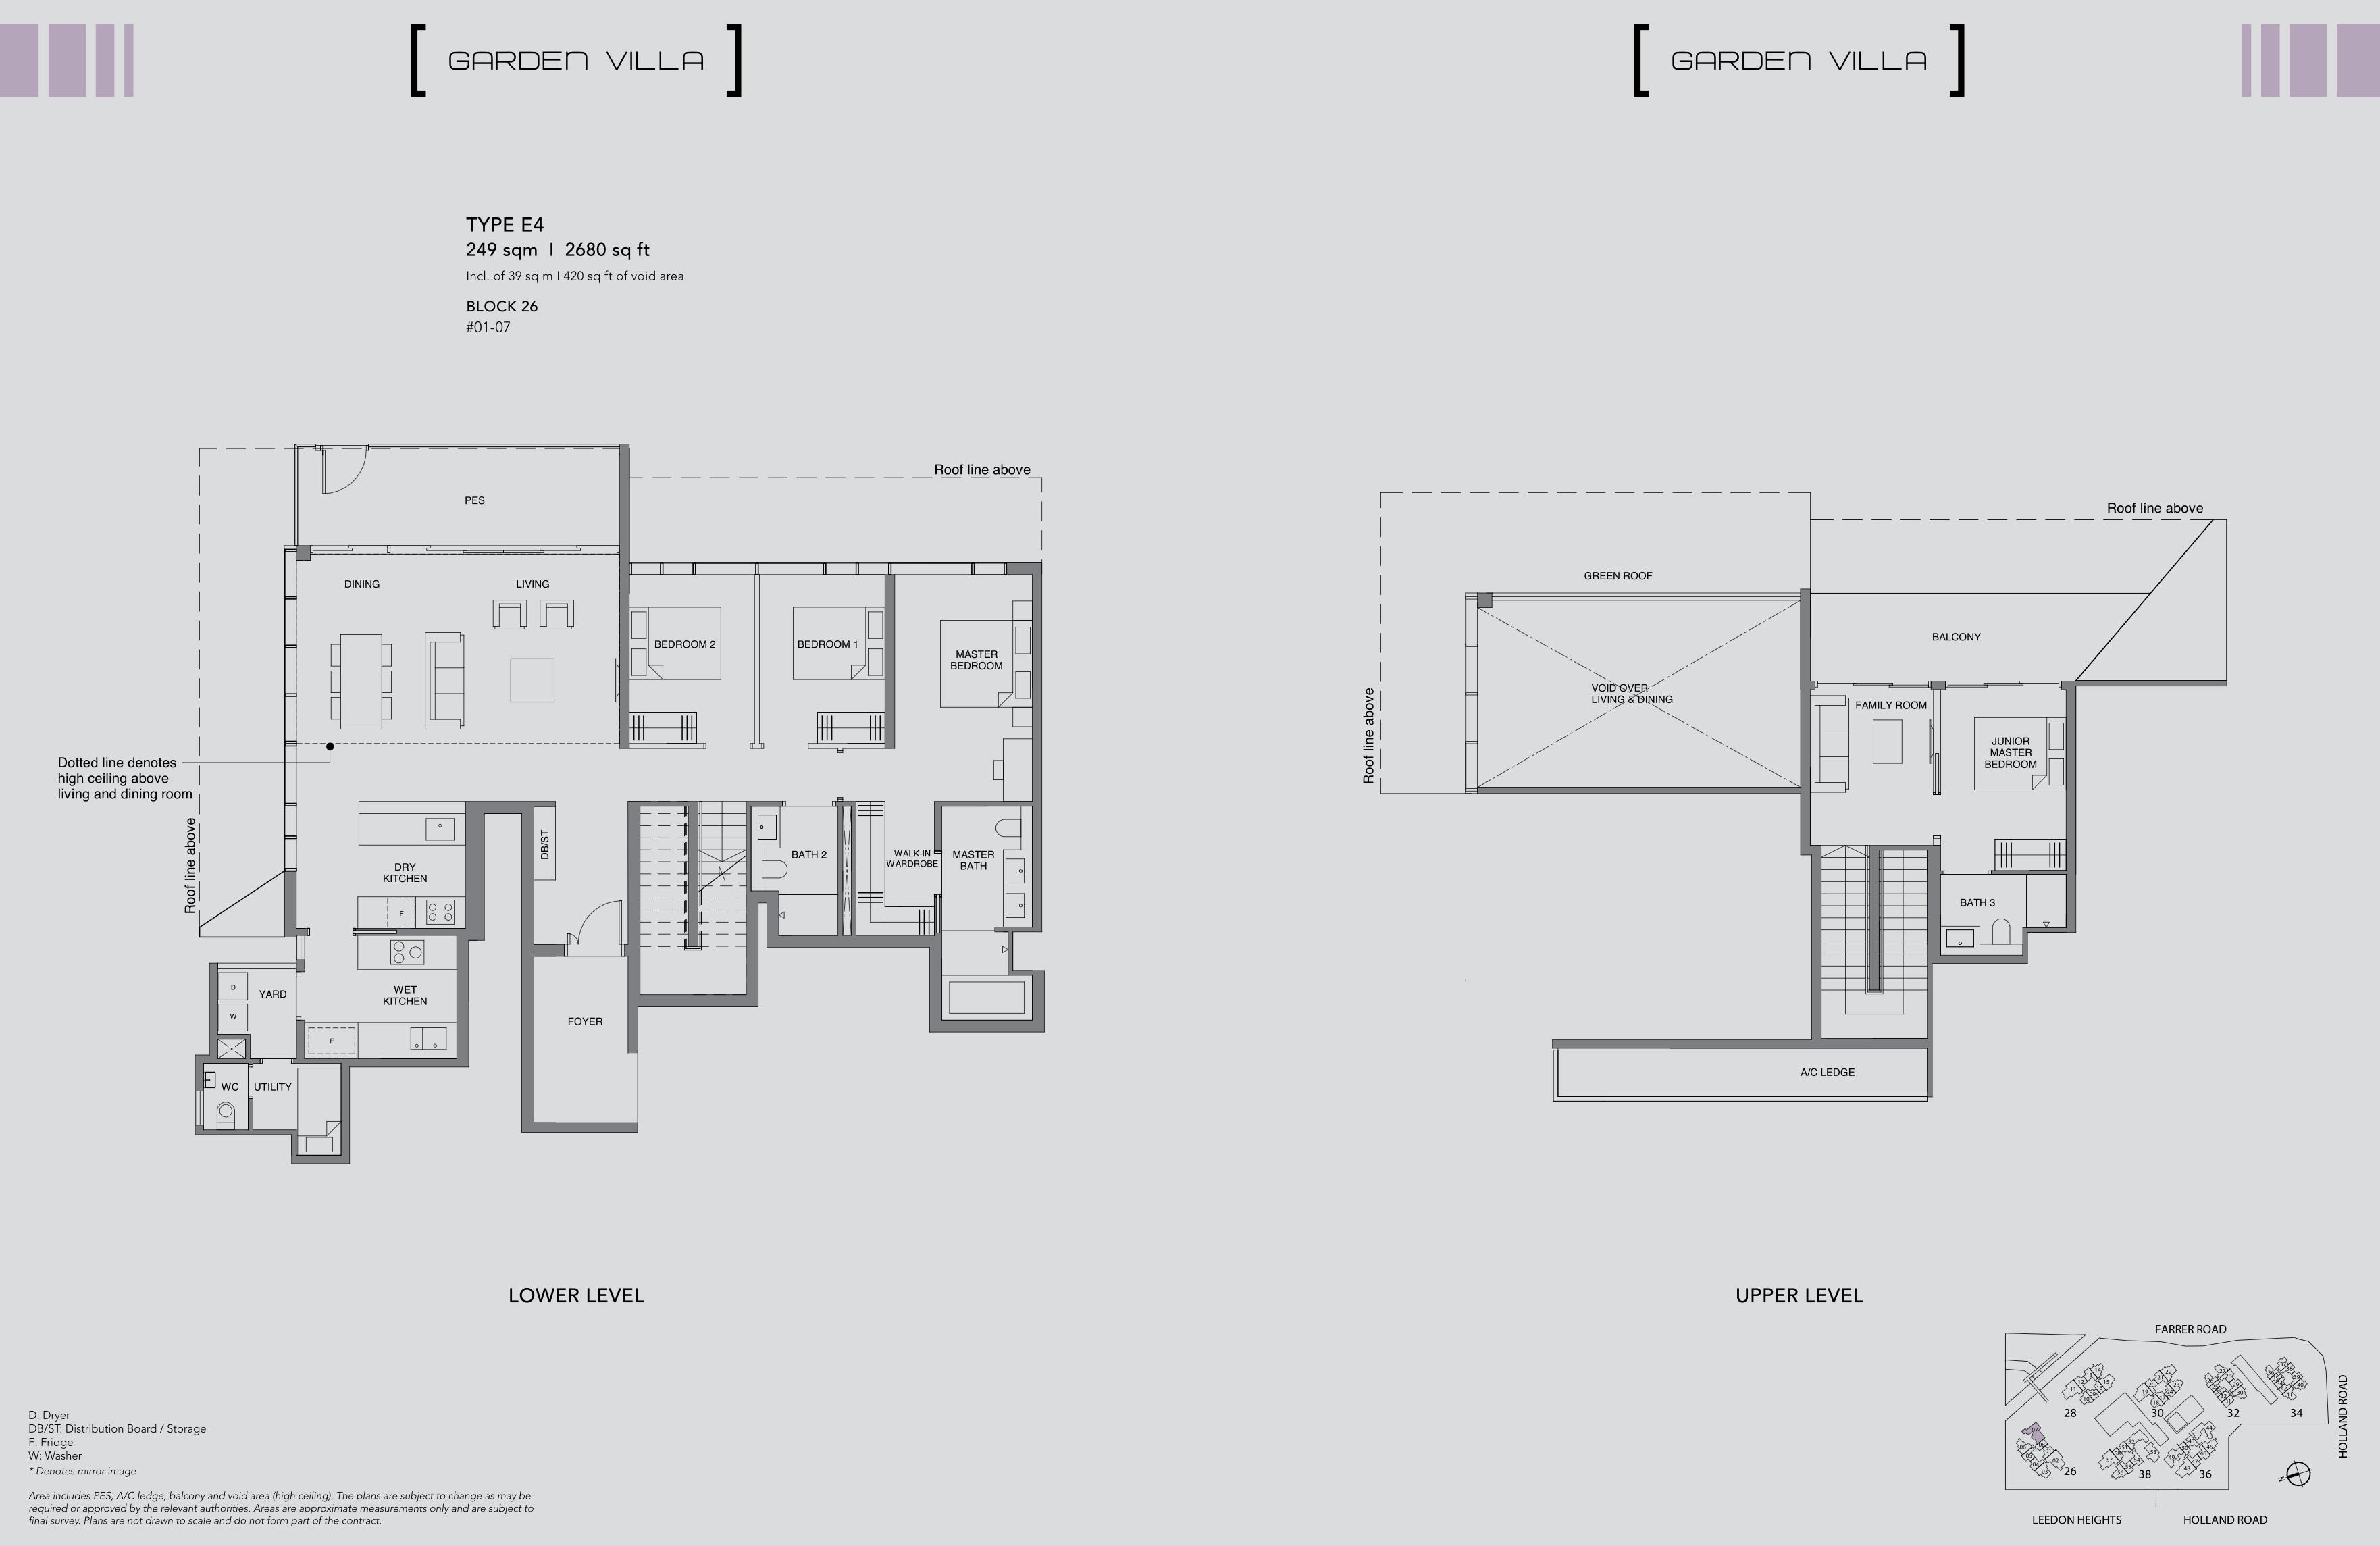 绿墩雅苑公寓户型图 Leedon Green floor plan Garden villa 4 Bedroom E4